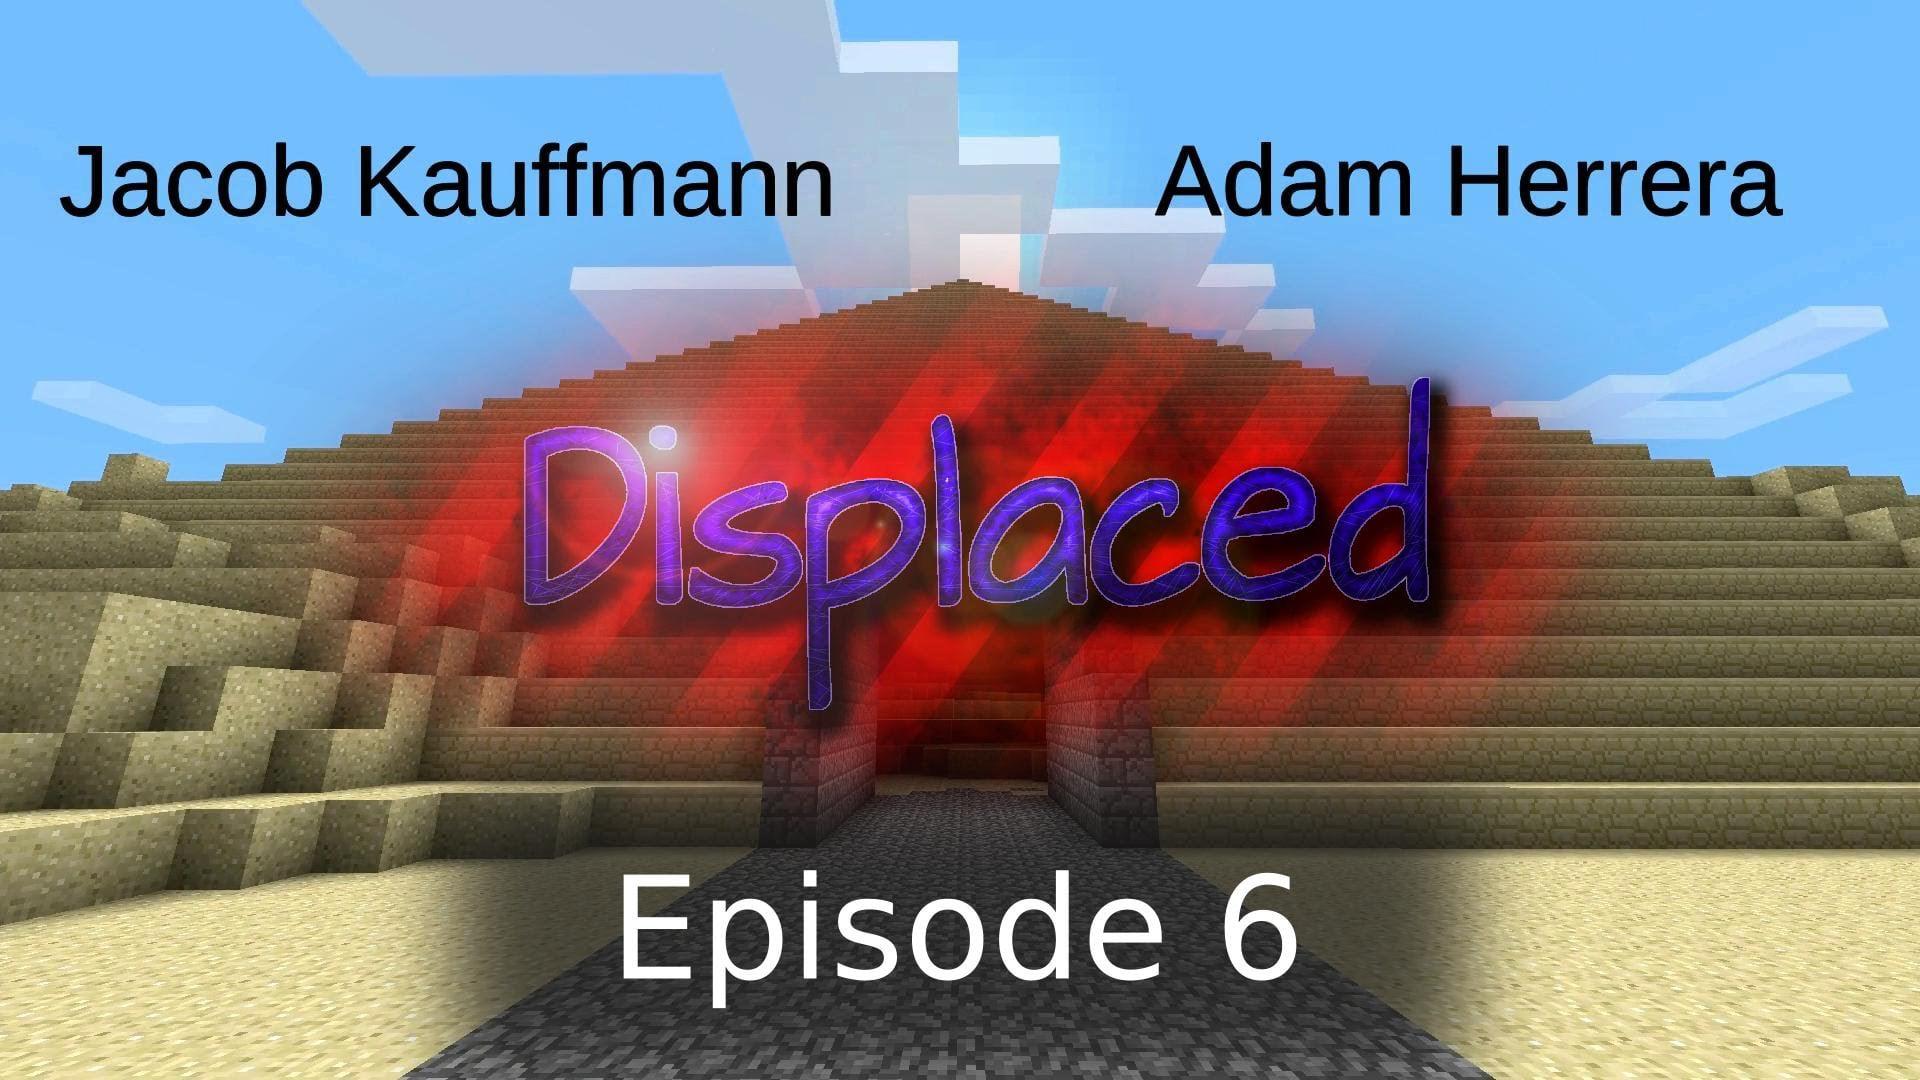 Episode 6 - Displaced